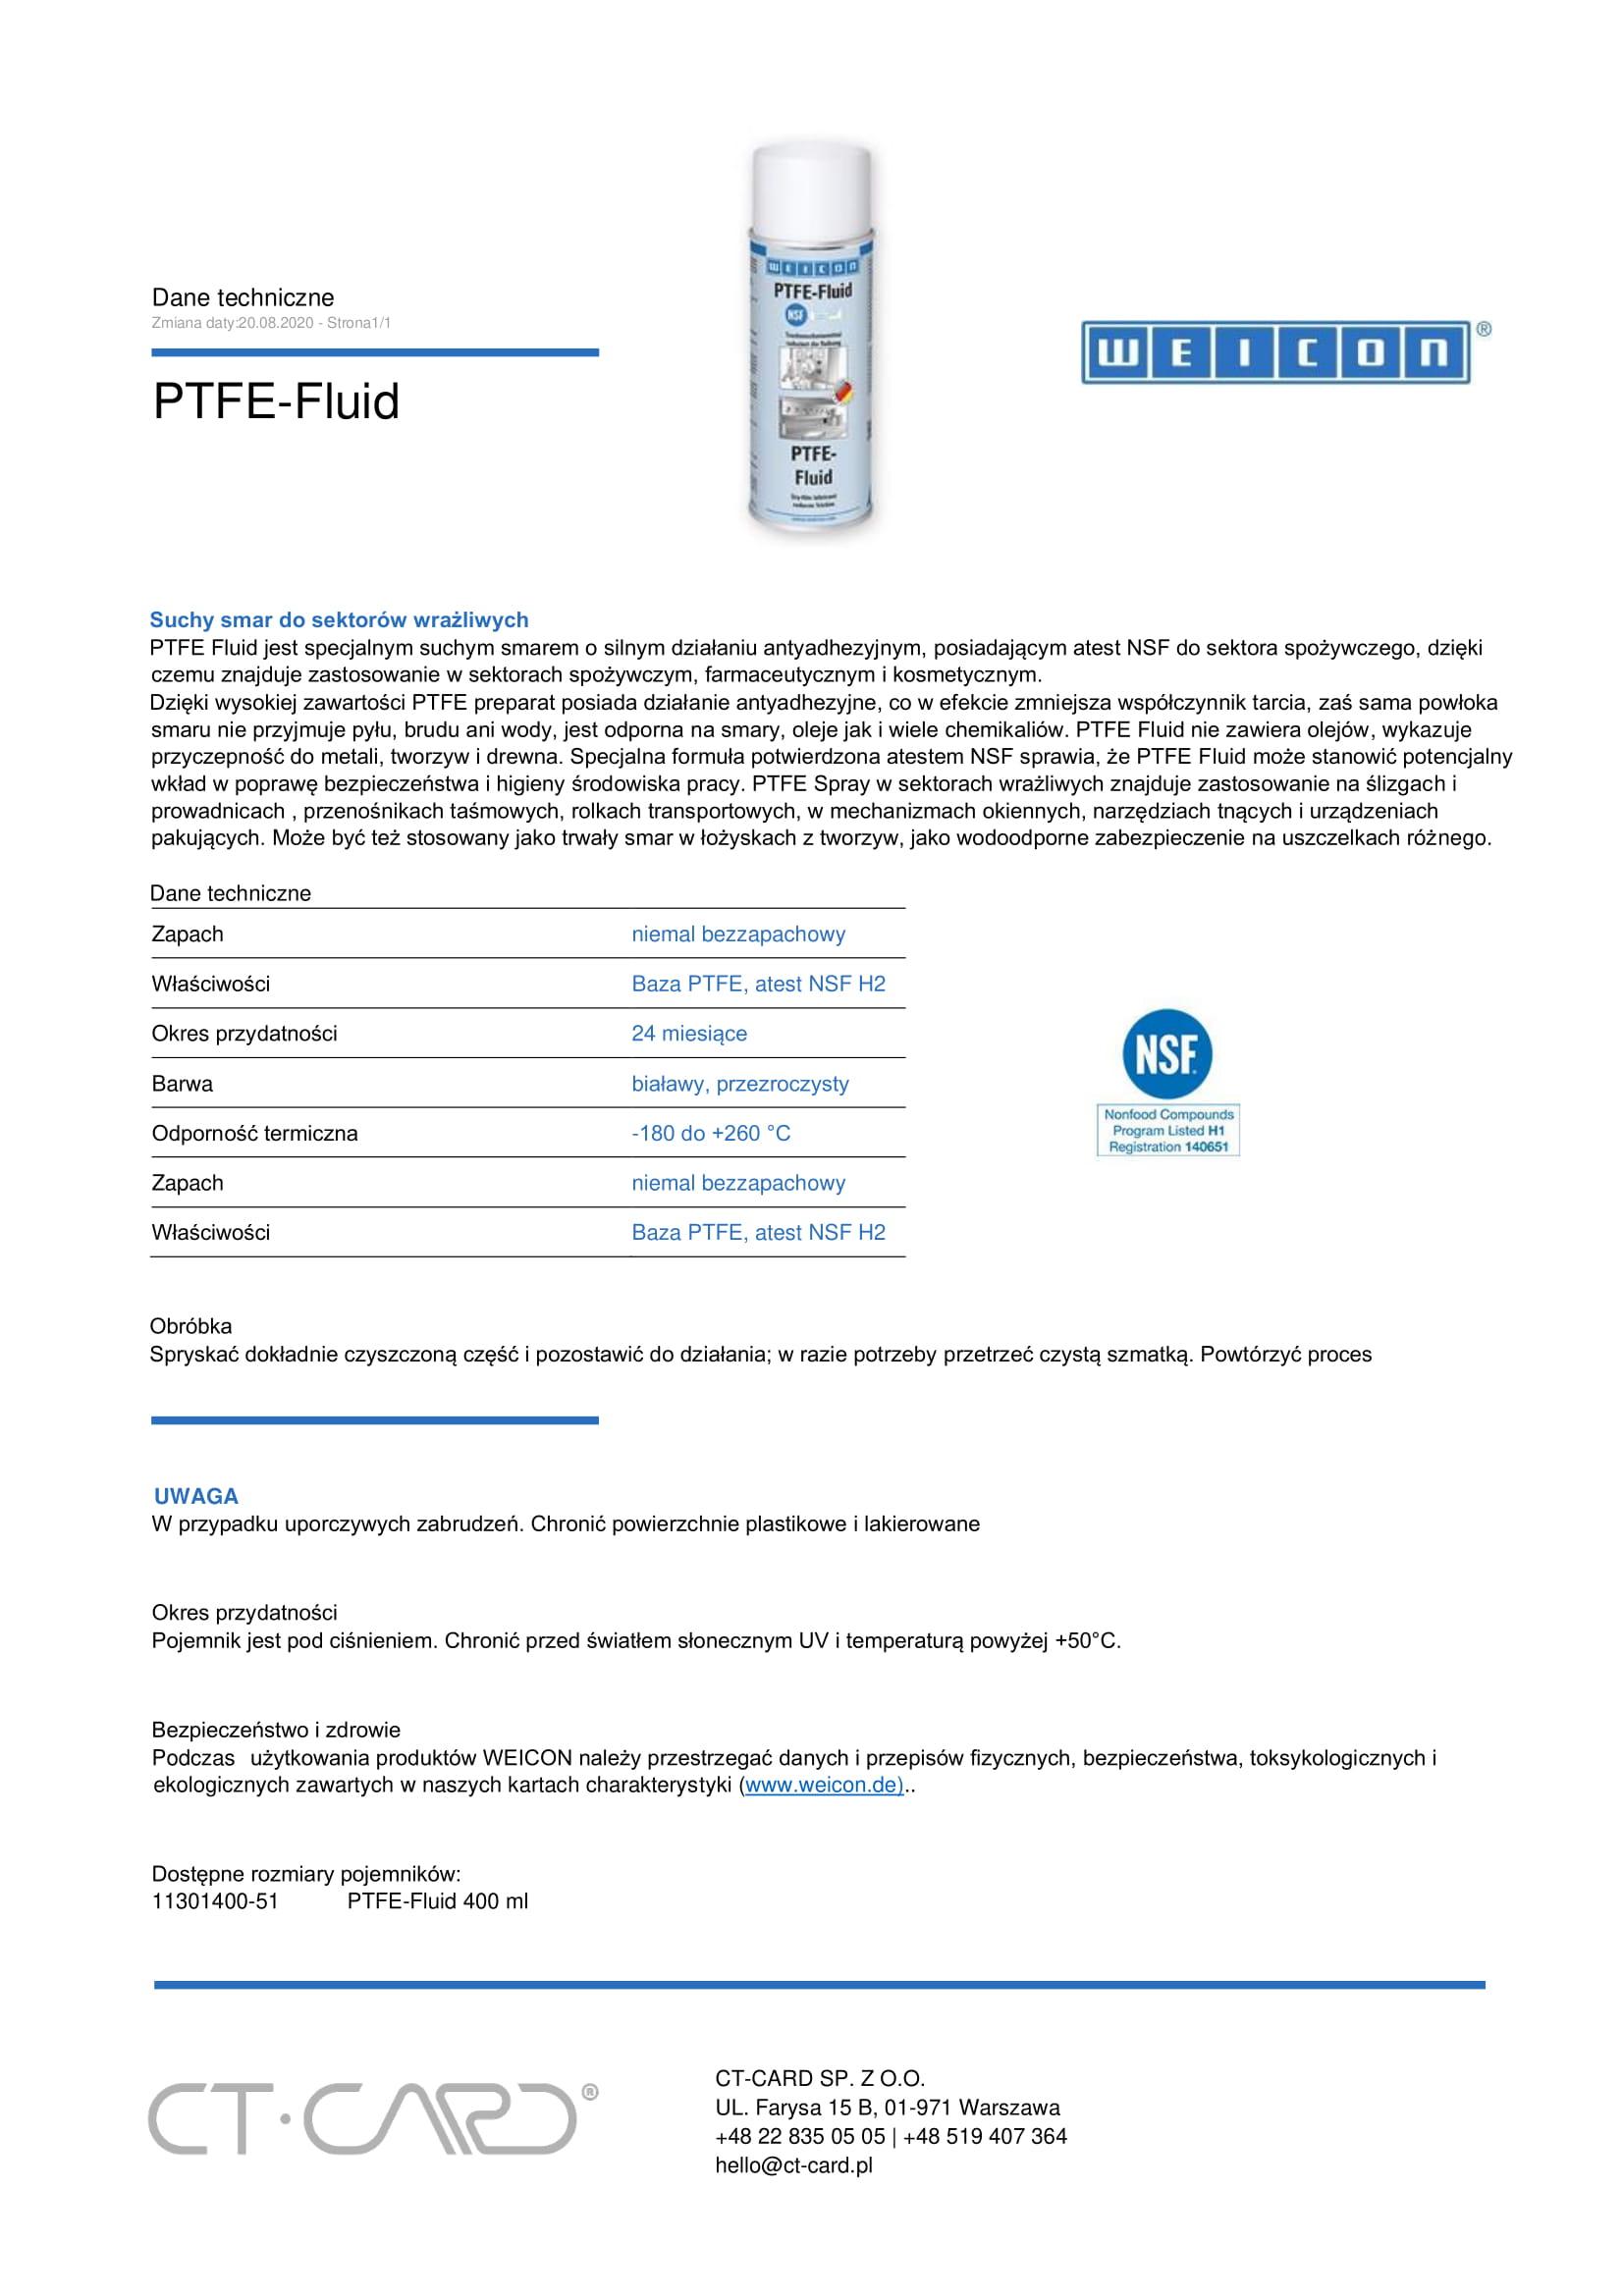 PTFE-Fluid-1